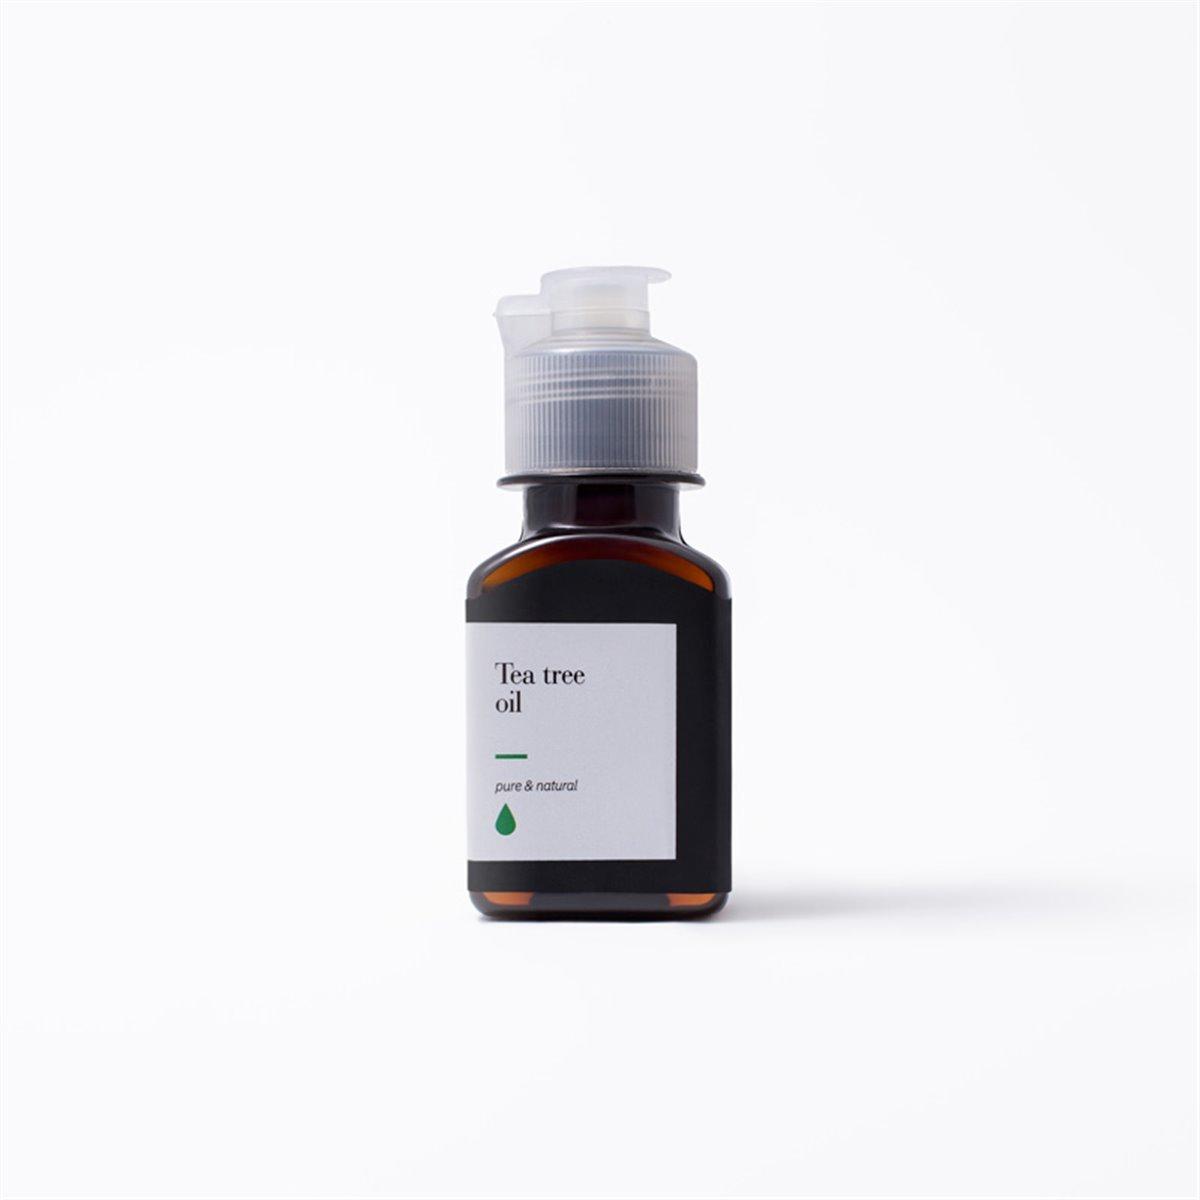 روغن درخت چای دارای خواص آنتی اکسیدانی، ضدعفونی و ضدالتهابی